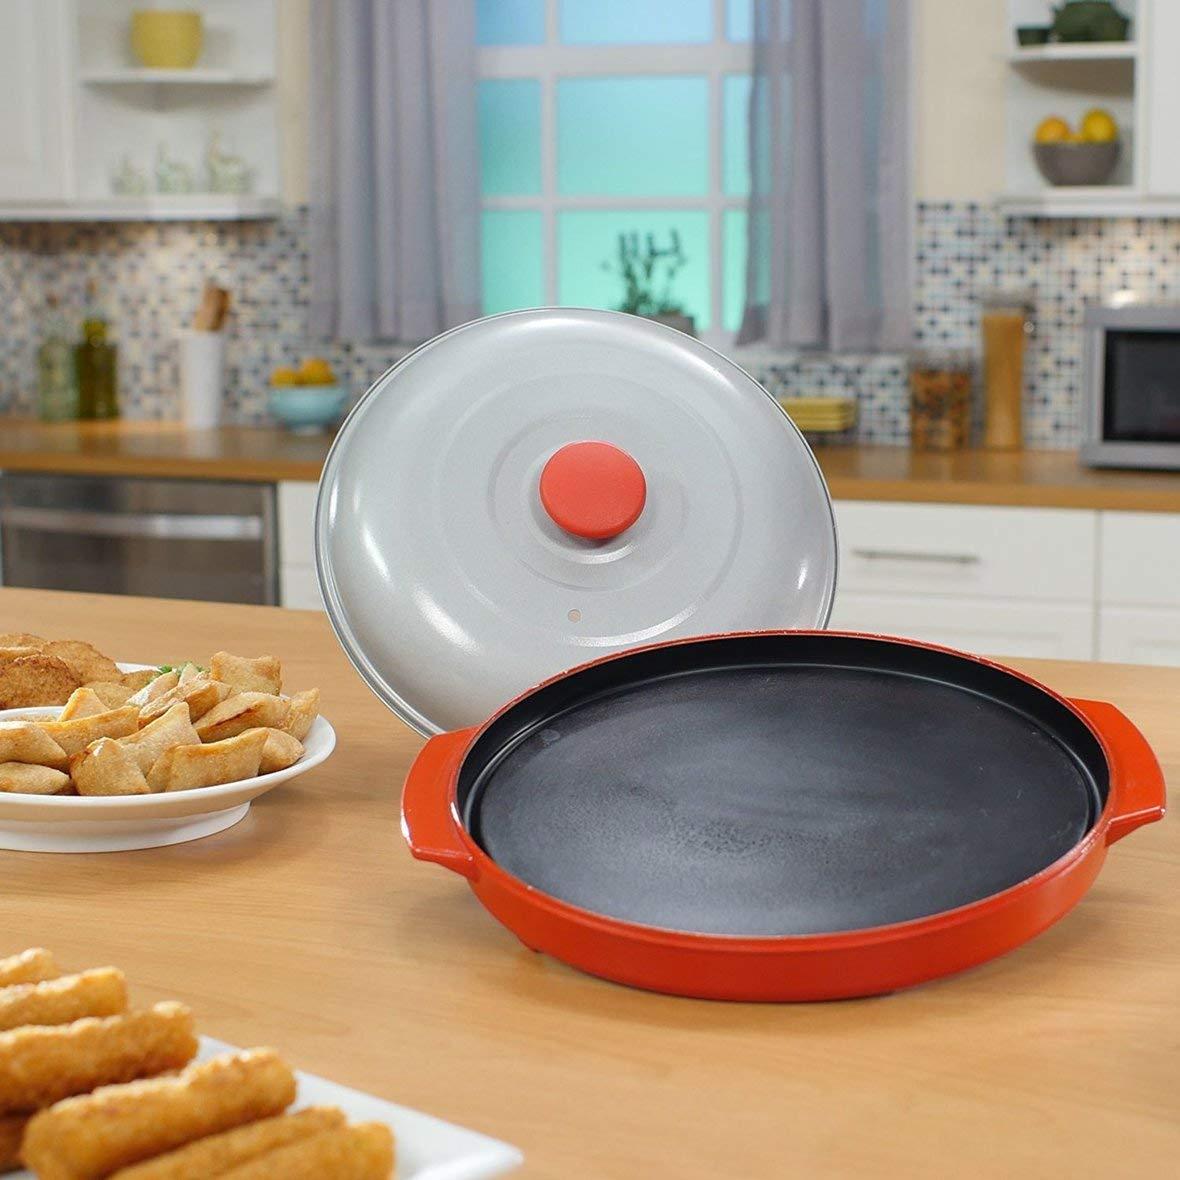 Heaviesk Bratpfanne Mikrowellengrillpfanne Mikrowellen-Crisper-Platte mit Deckel für die Küchenmikrowelle, die die die Grillofen verwendet B07PHSJJRD Betttaschen 94943f